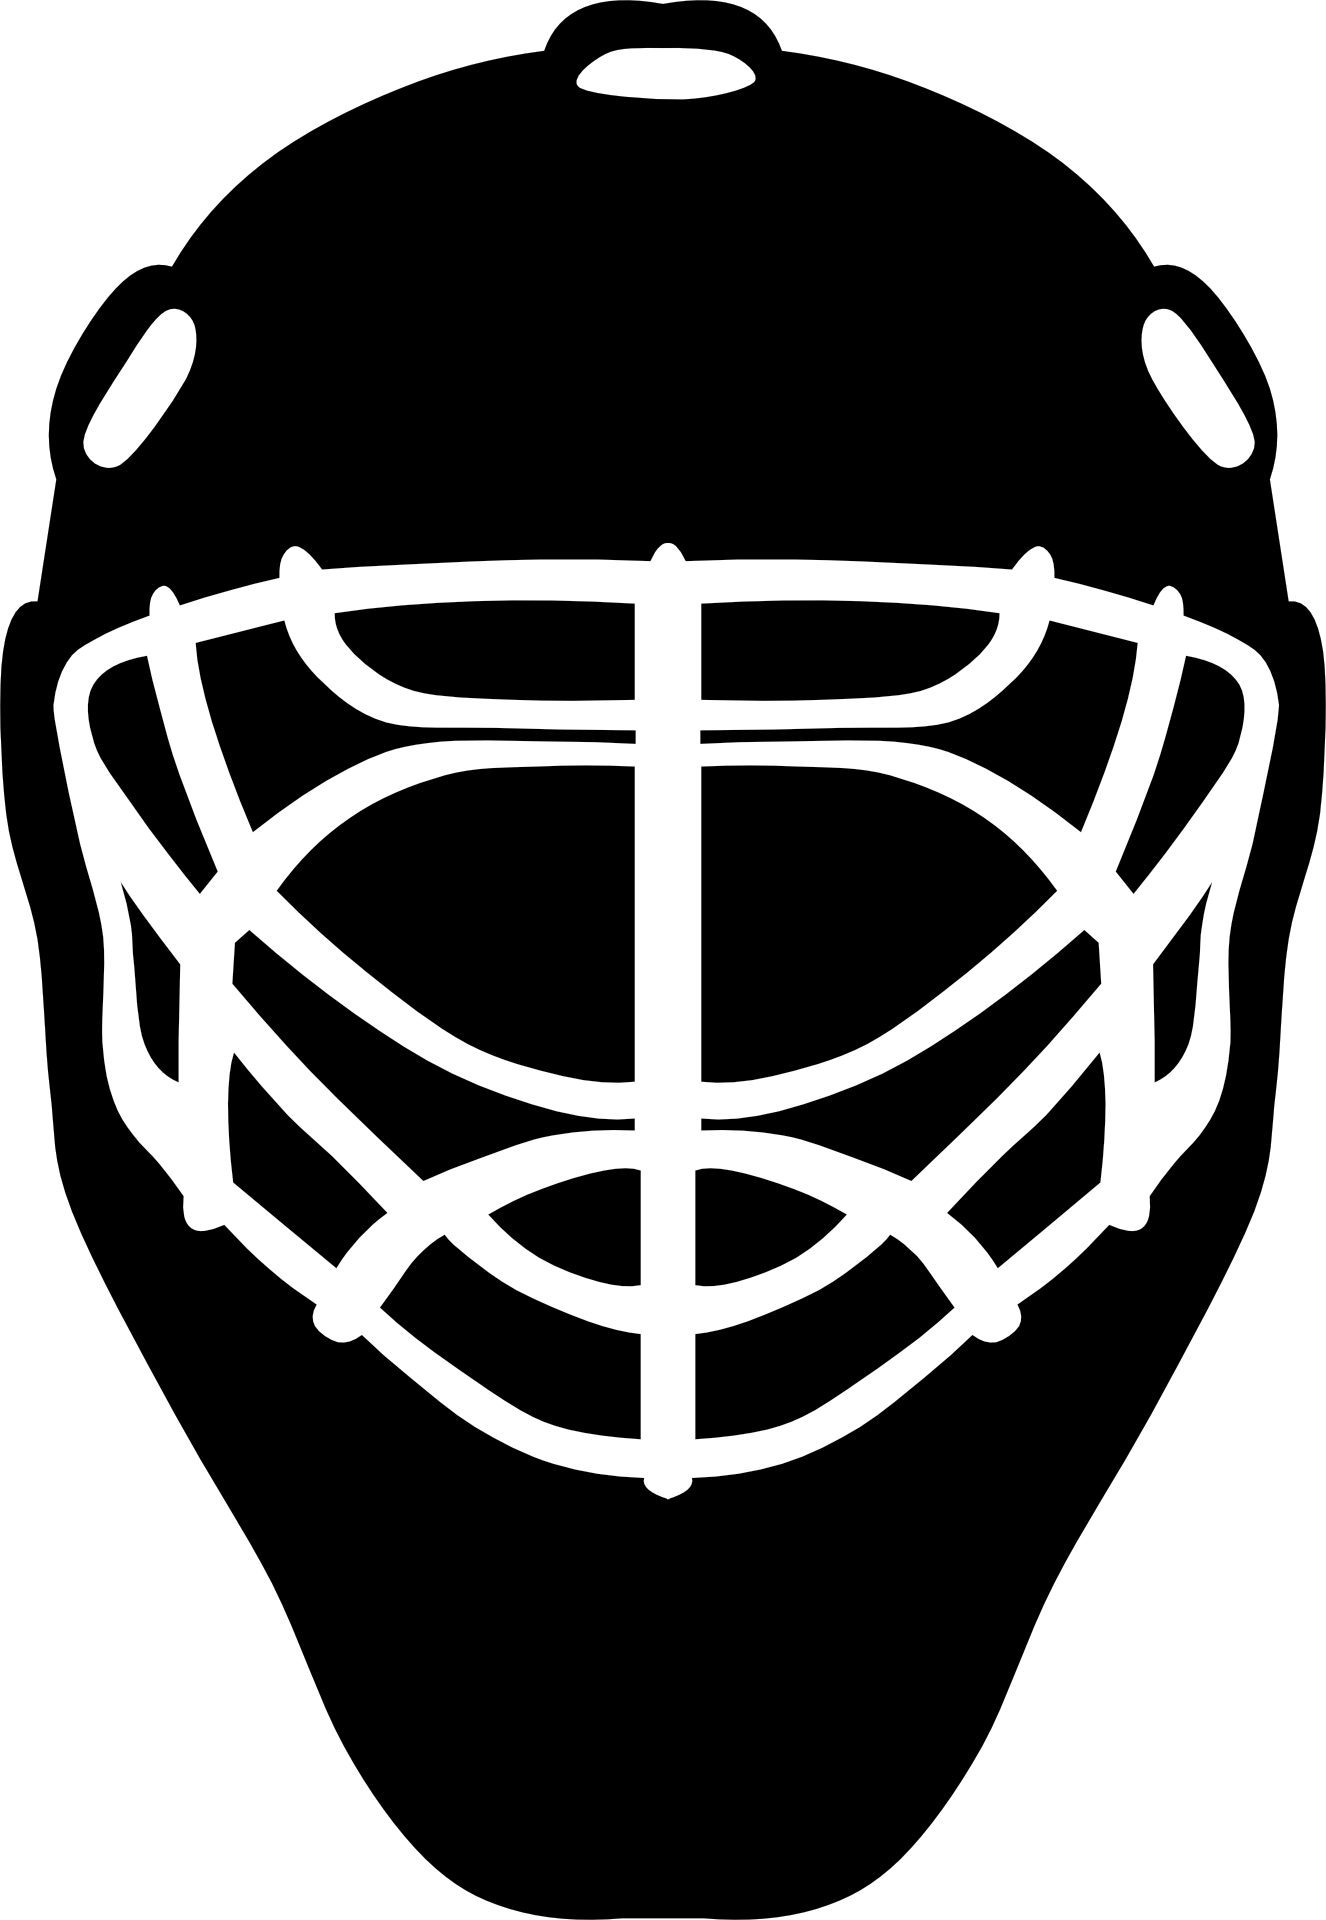 Goaltender mask hockey helmets. Football clipart goalie